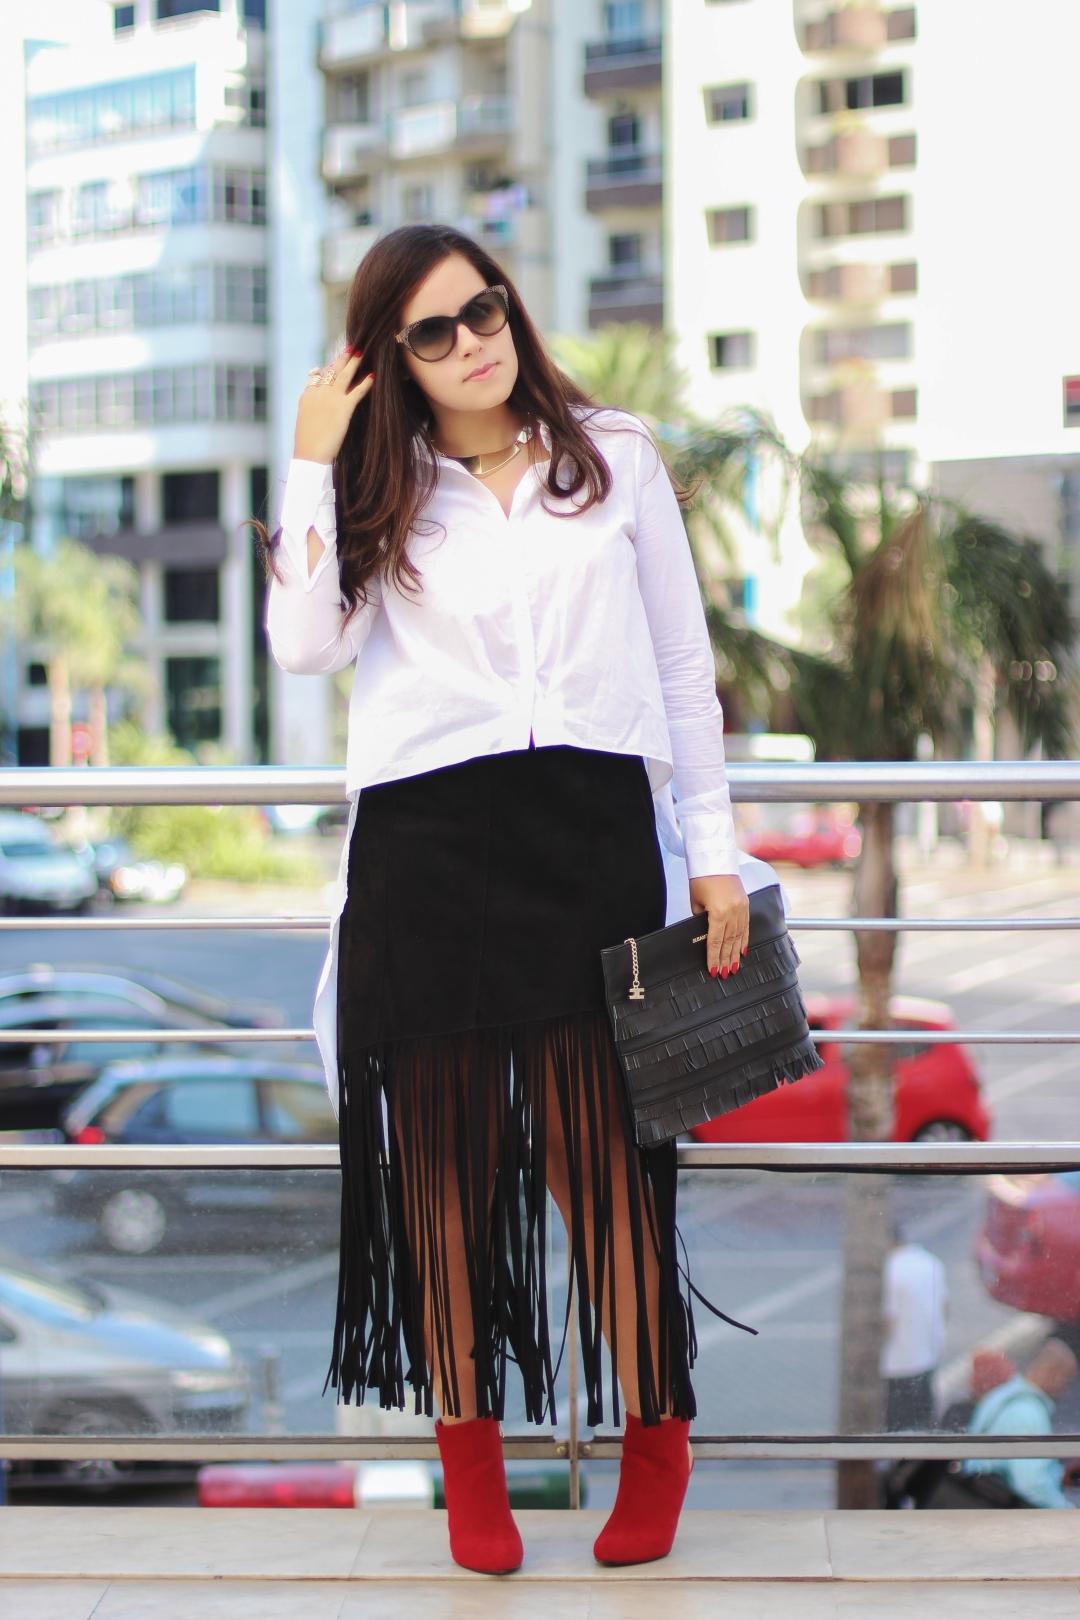 fringe-skirt-blog-mode-chiccarpediem-8